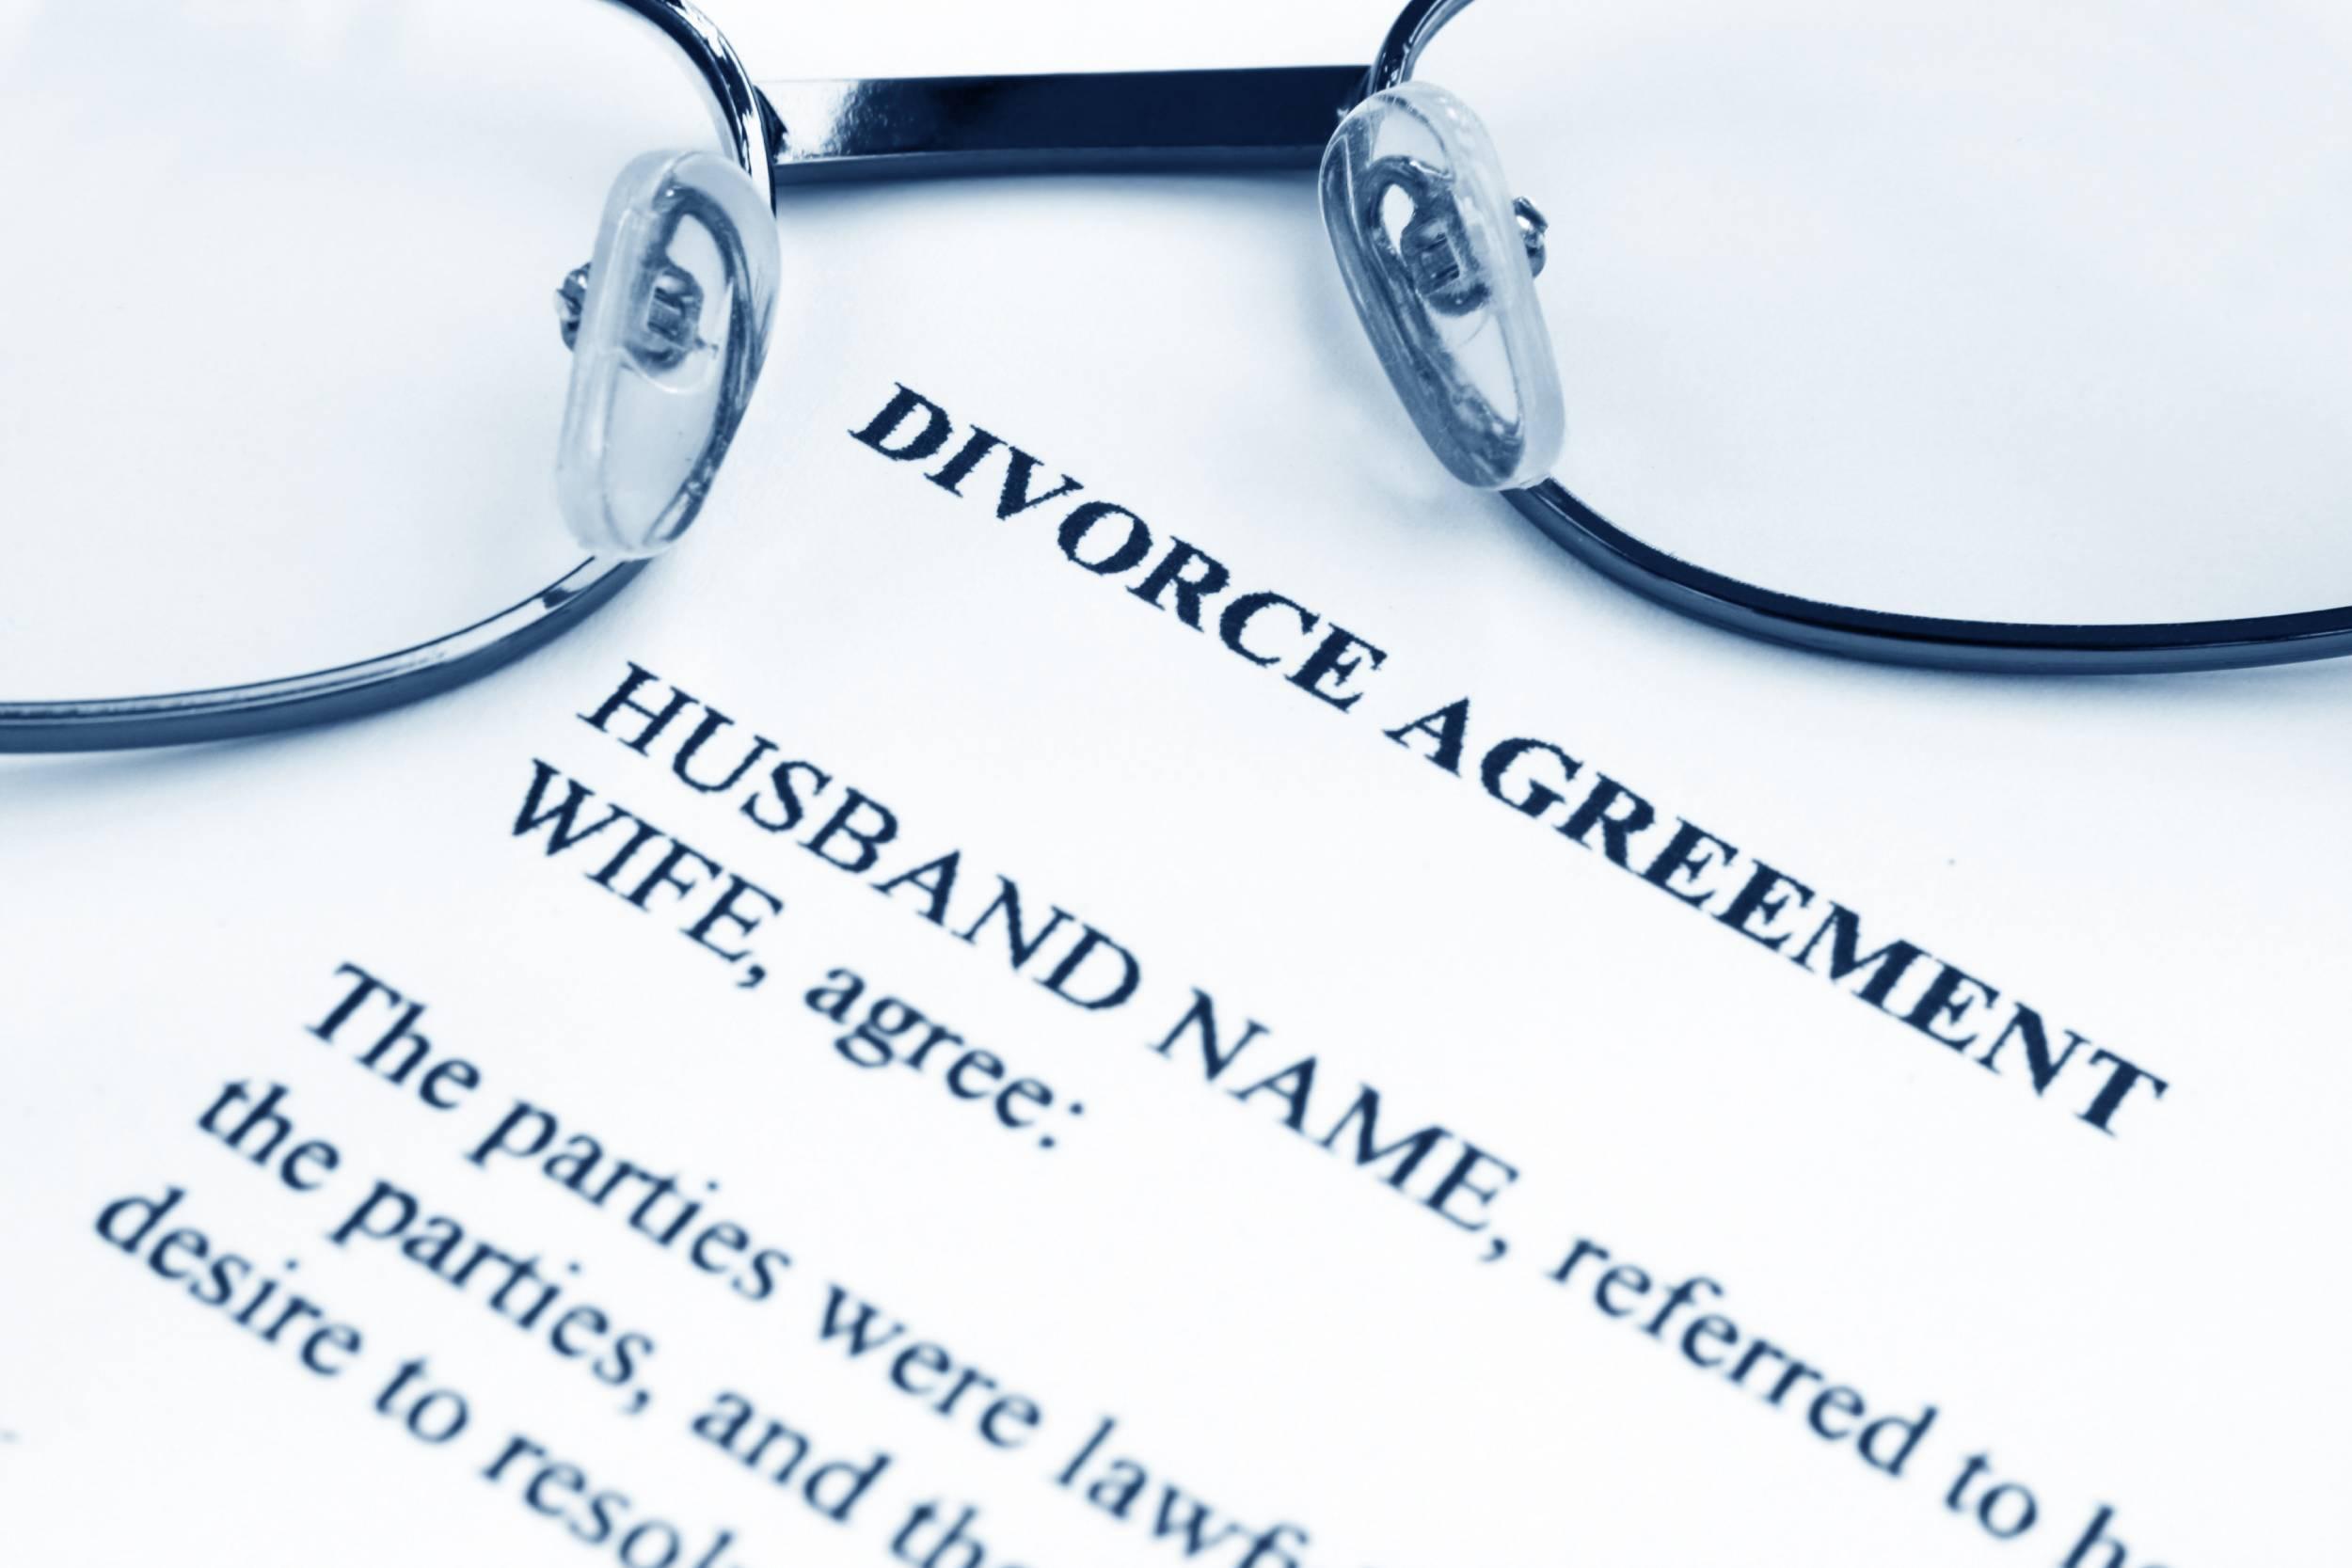 עורך דין גירושין בישראל | עורך דין גירושין קרוב אלי